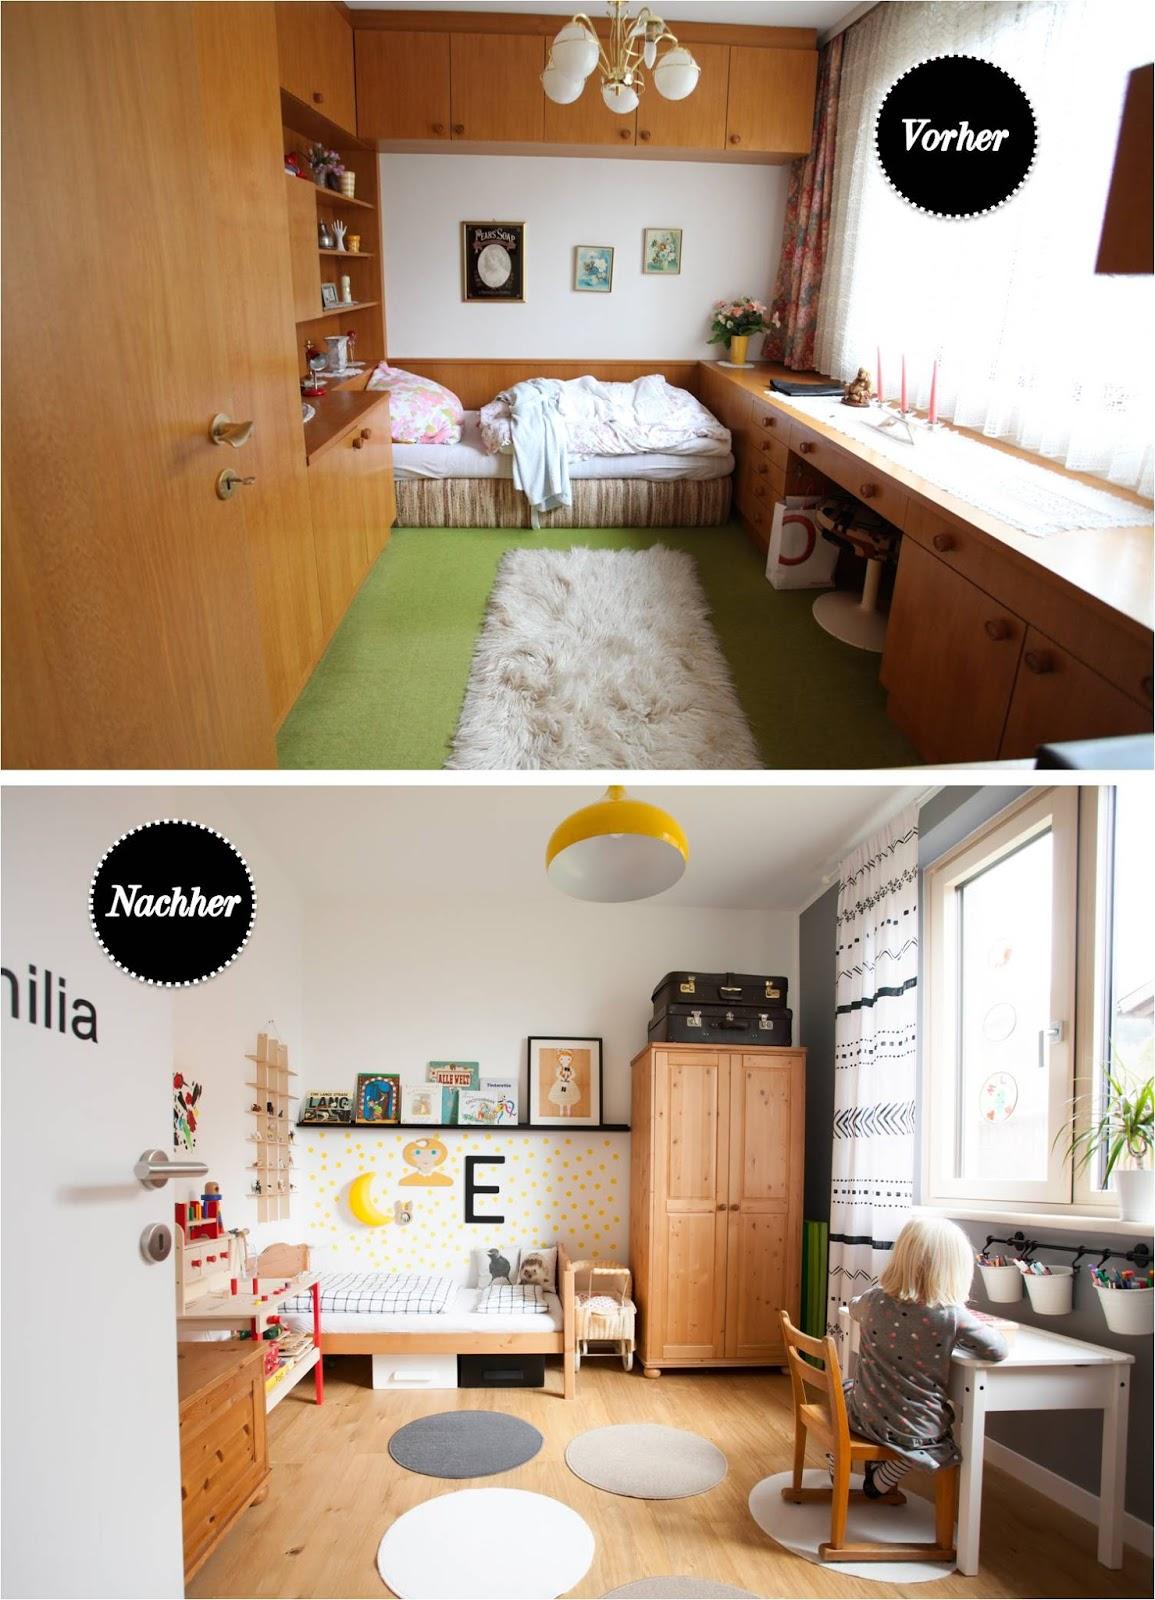 vorher nachher emmis reich und vier diys wohnprojekt wohnblog f r interior diy und lifestyle. Black Bedroom Furniture Sets. Home Design Ideas